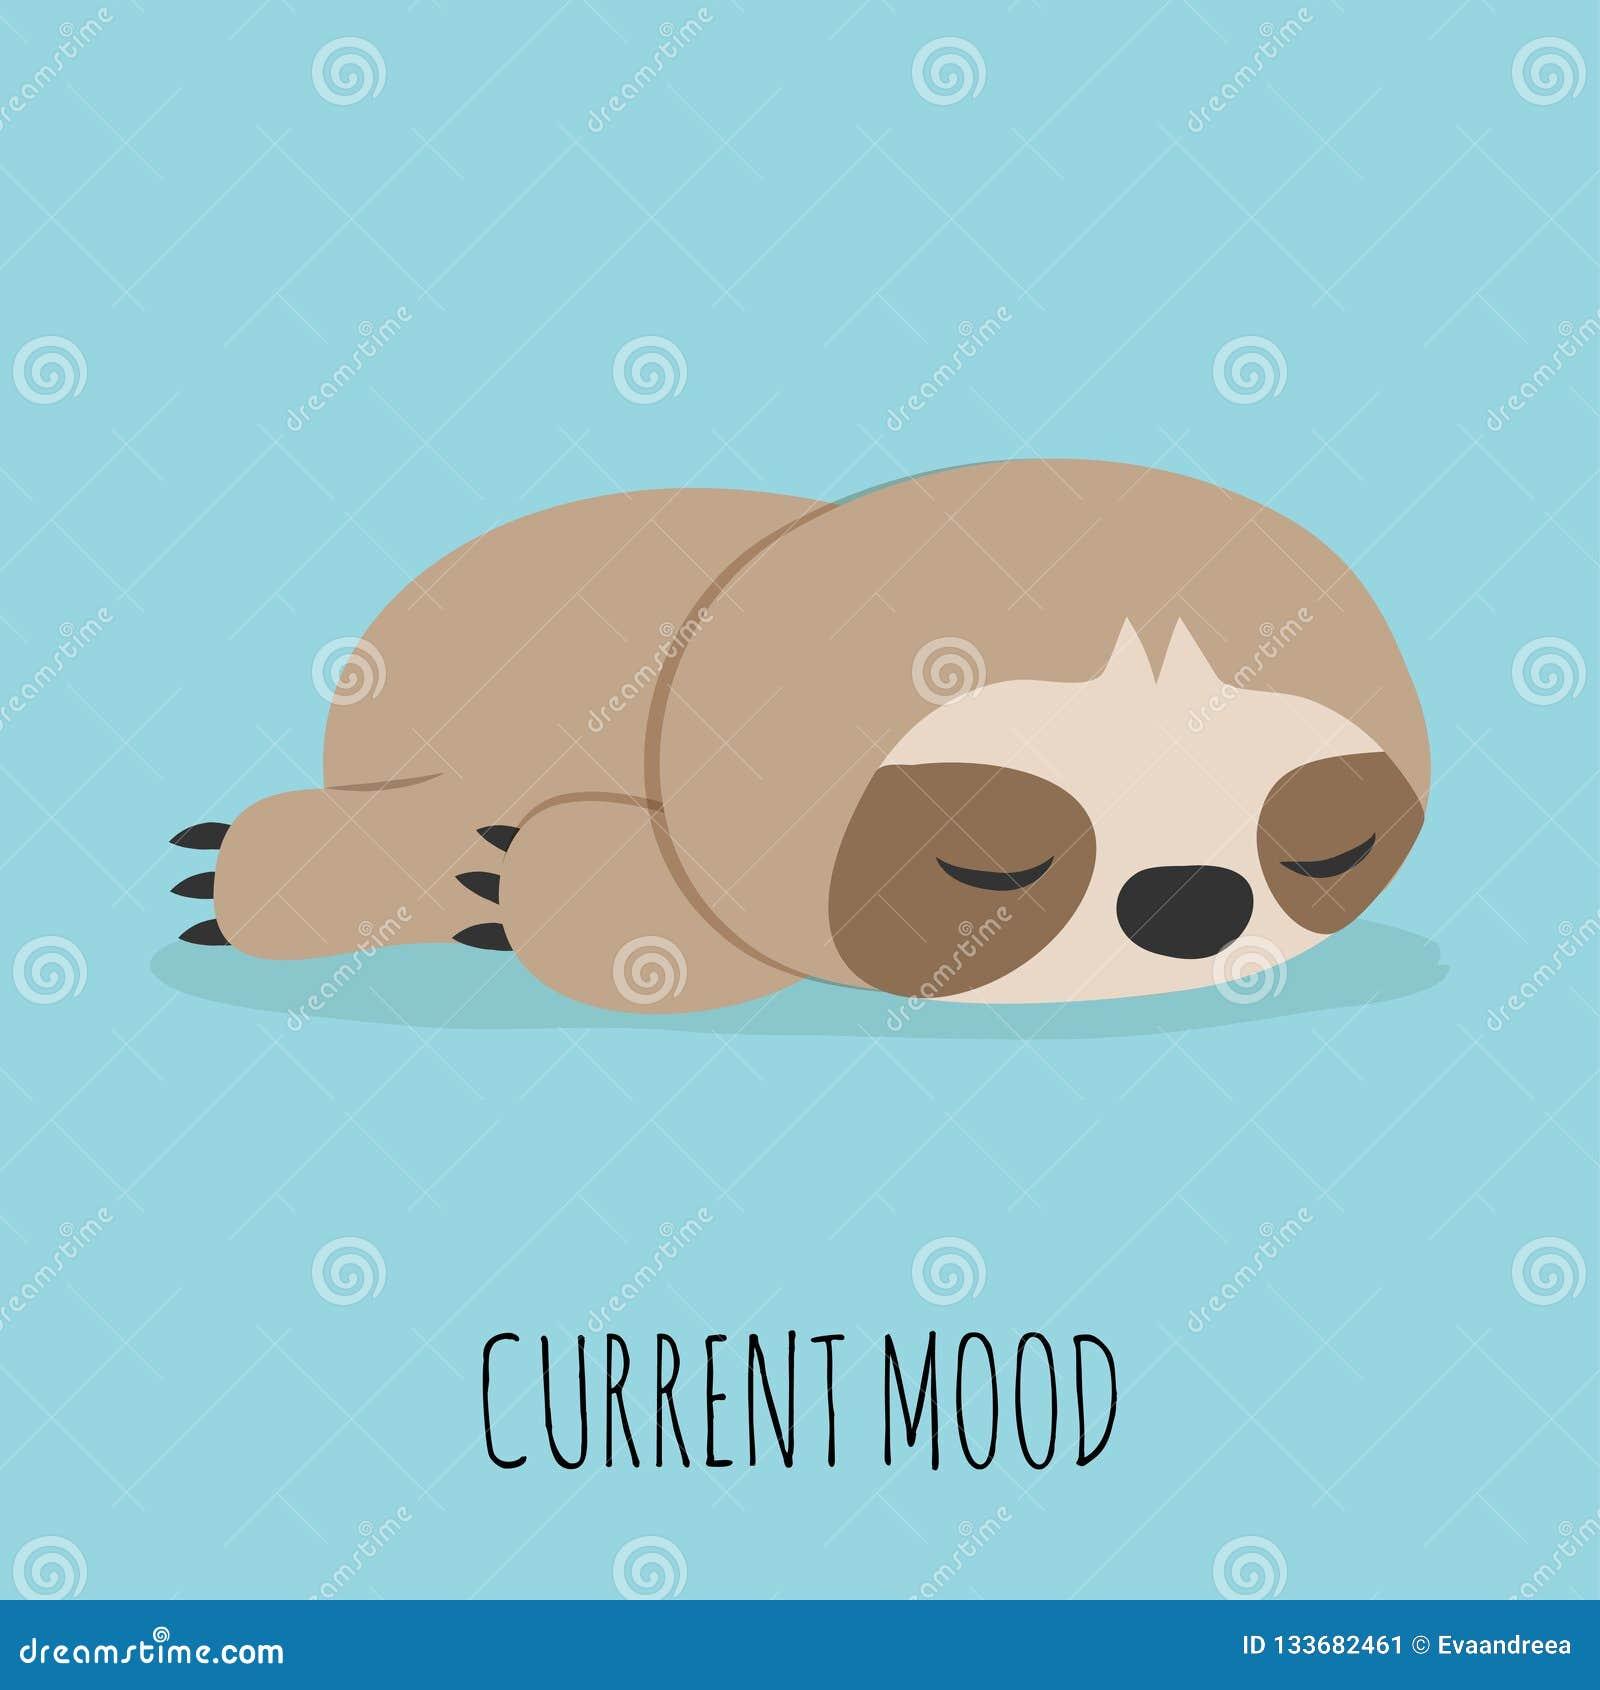 Cute lazy sloth